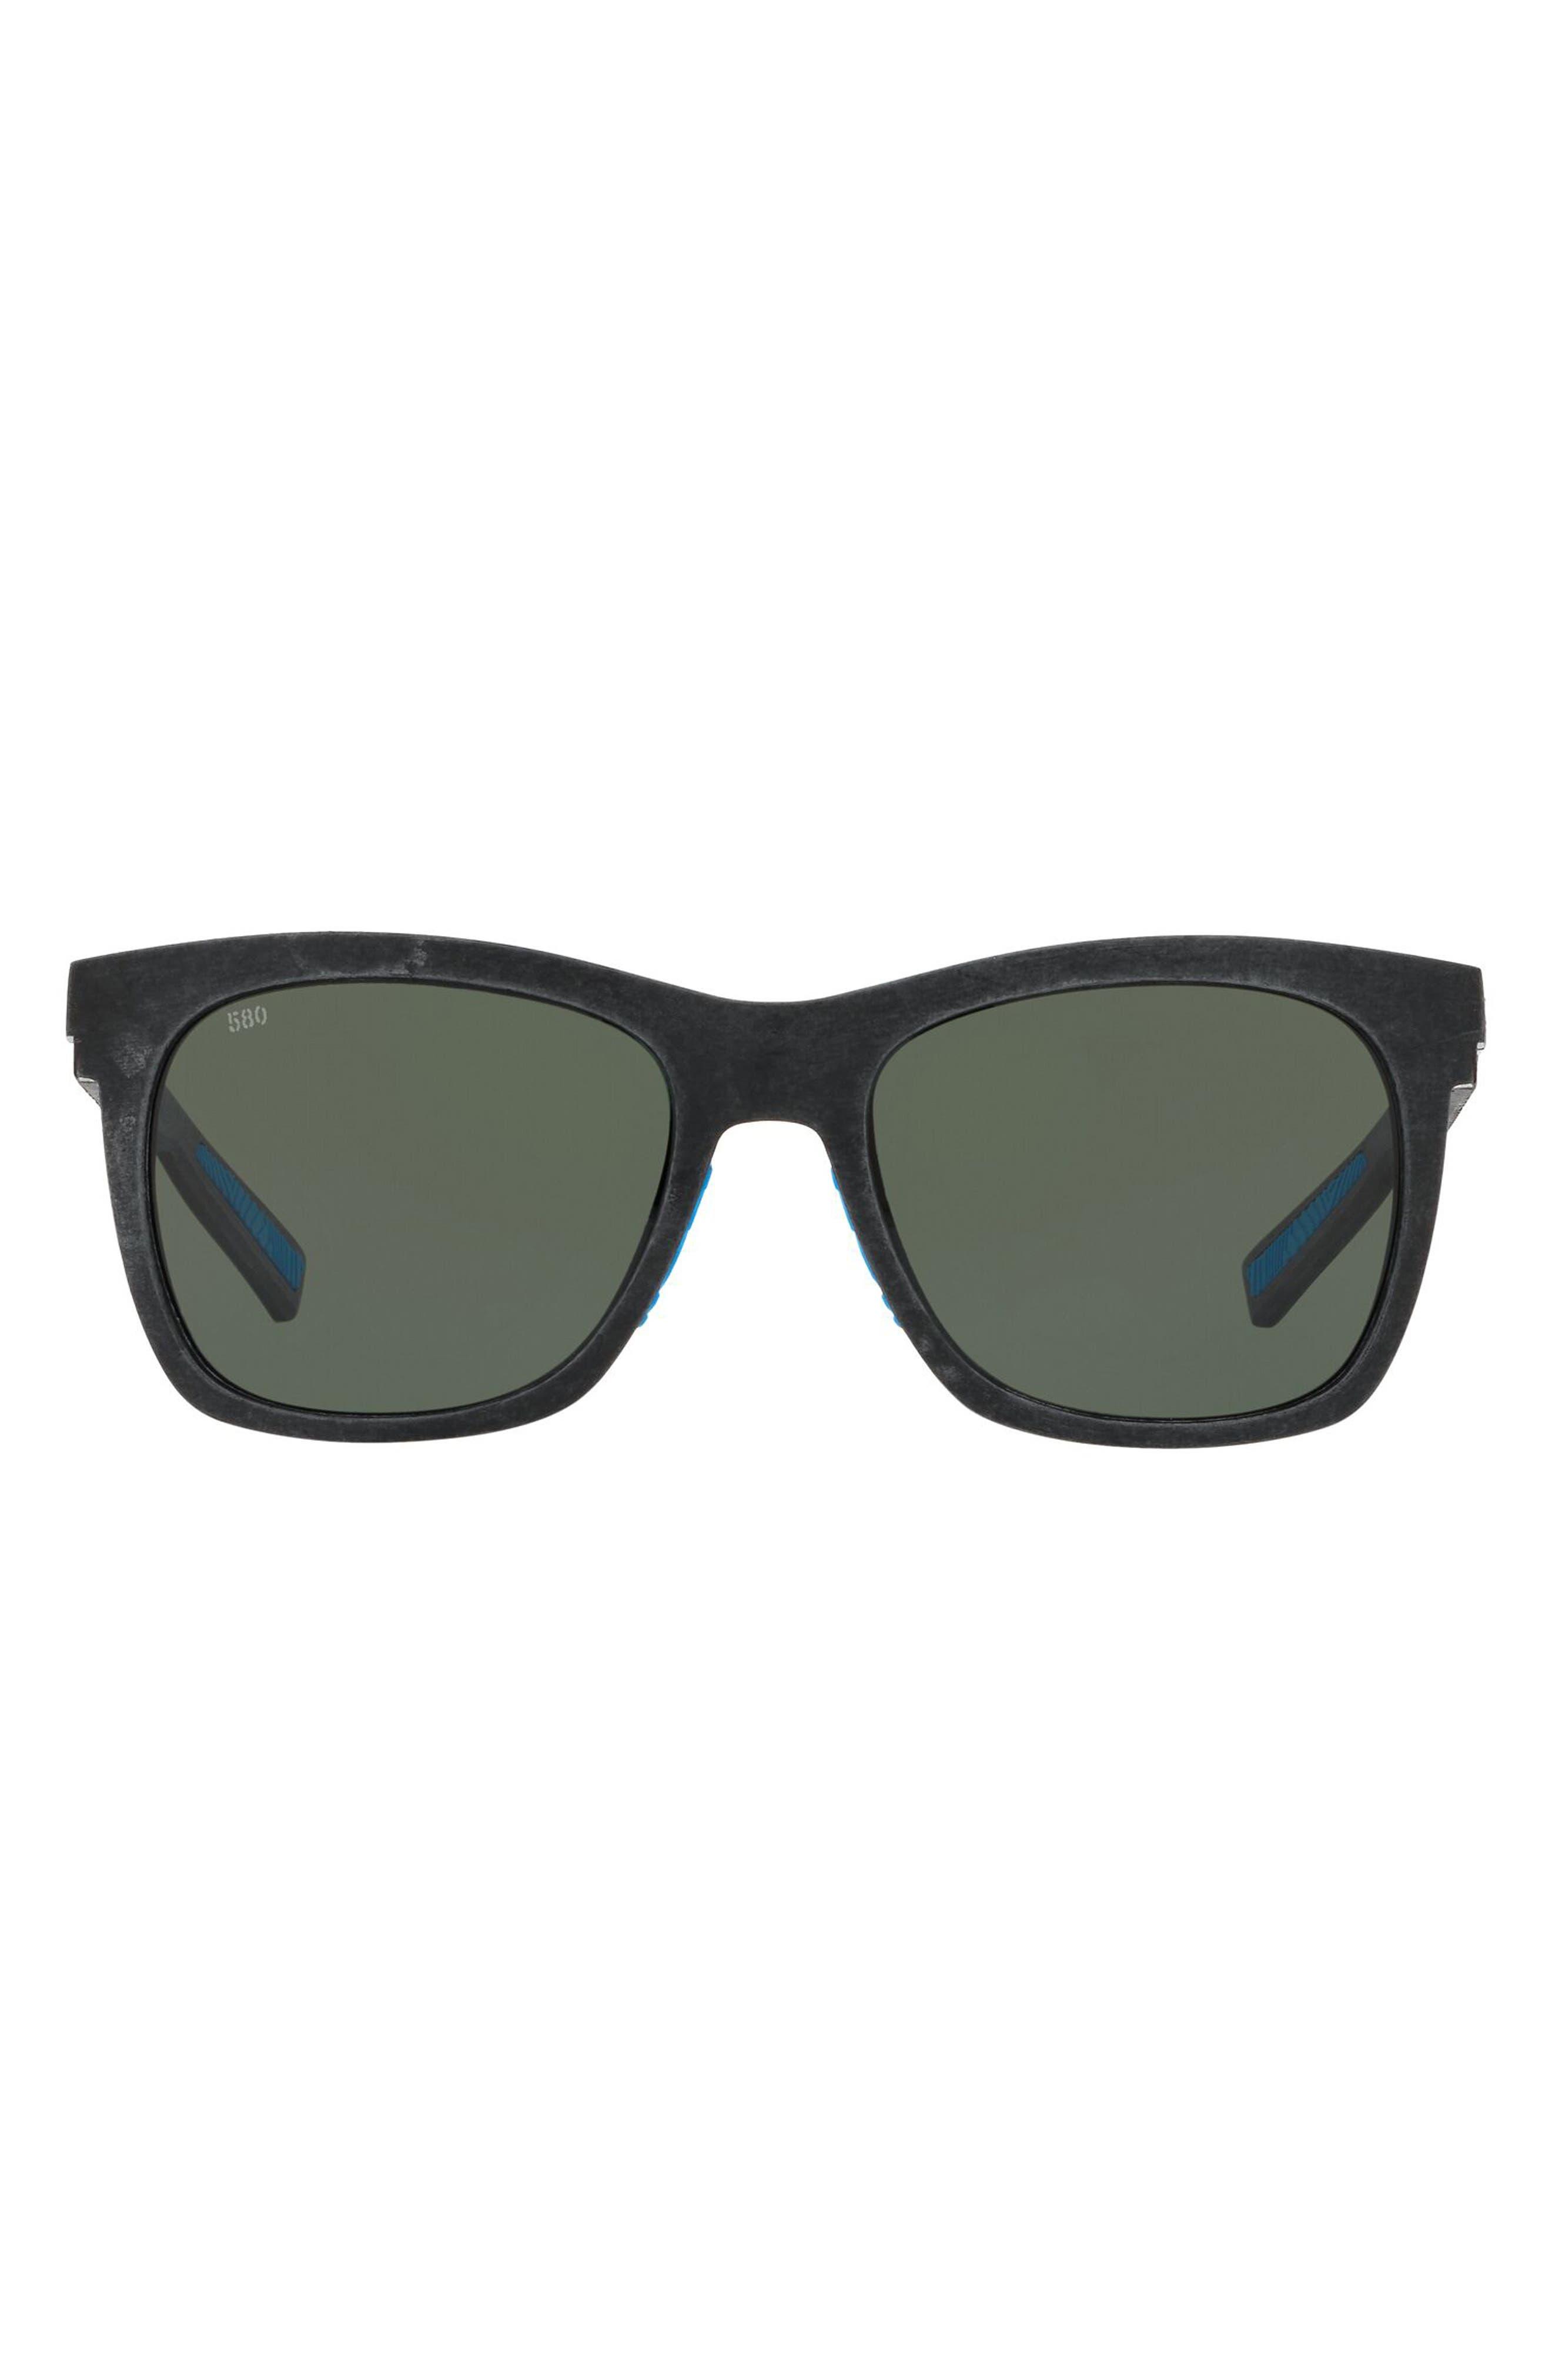 Caldera 55mm Square Polarized Sunglasses